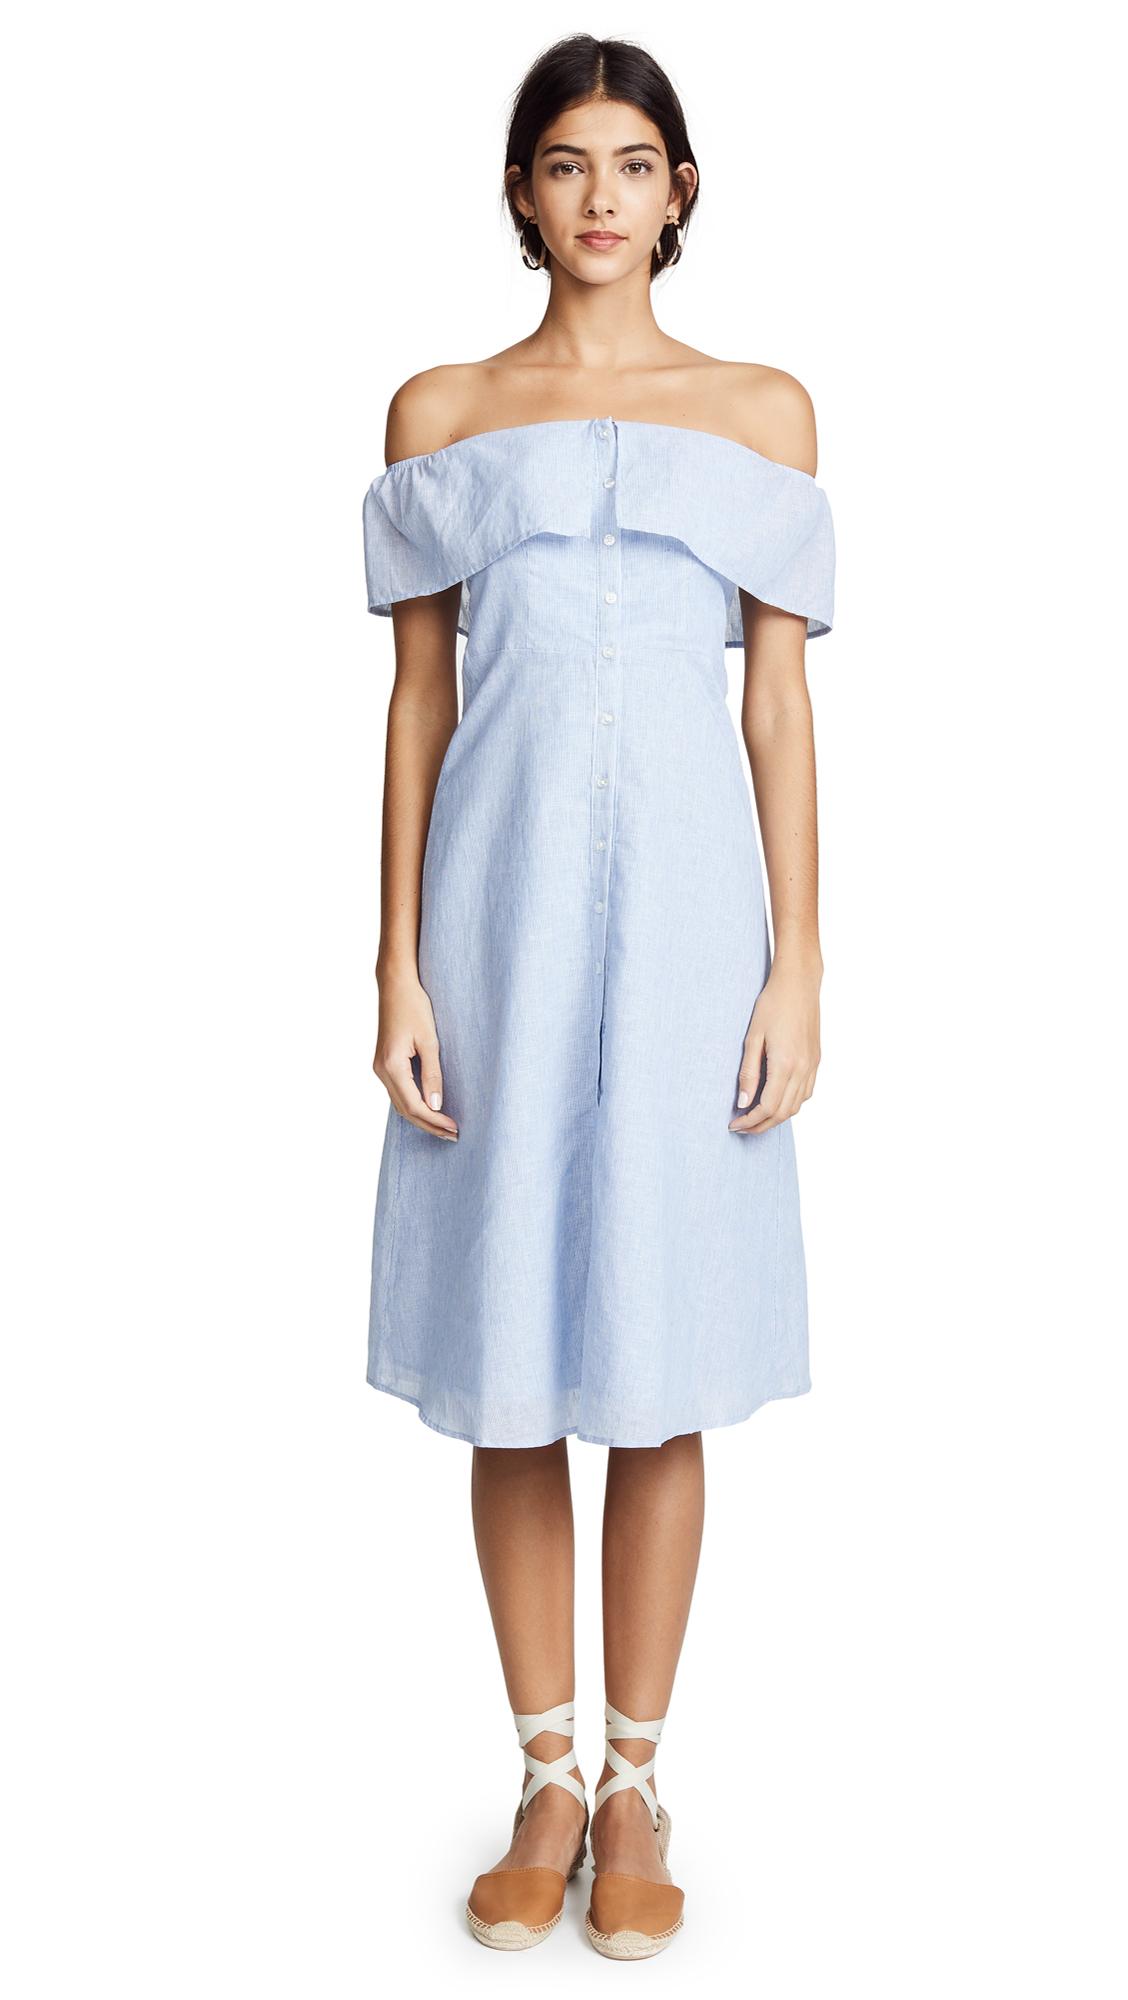 BB Dakota Jeanne Dress - Light Blue